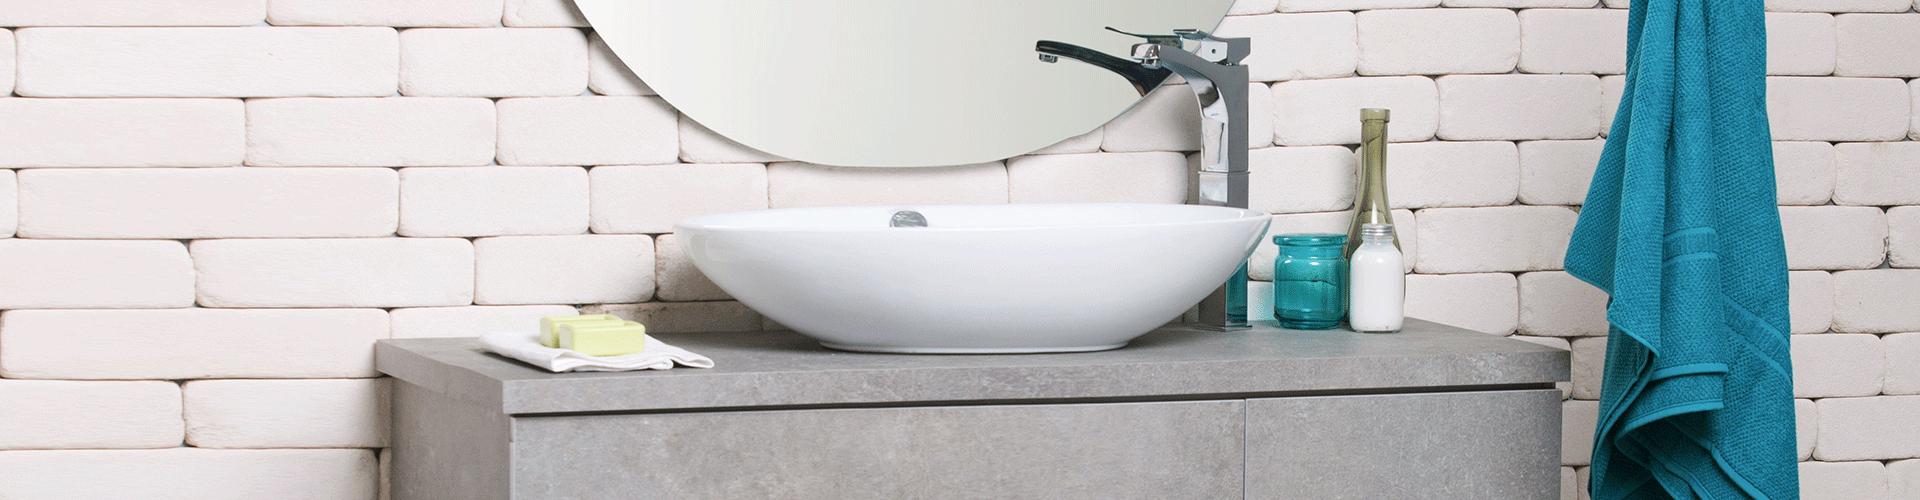 טיפים לבחירת תאורה נכונה לחדר האמבטיה